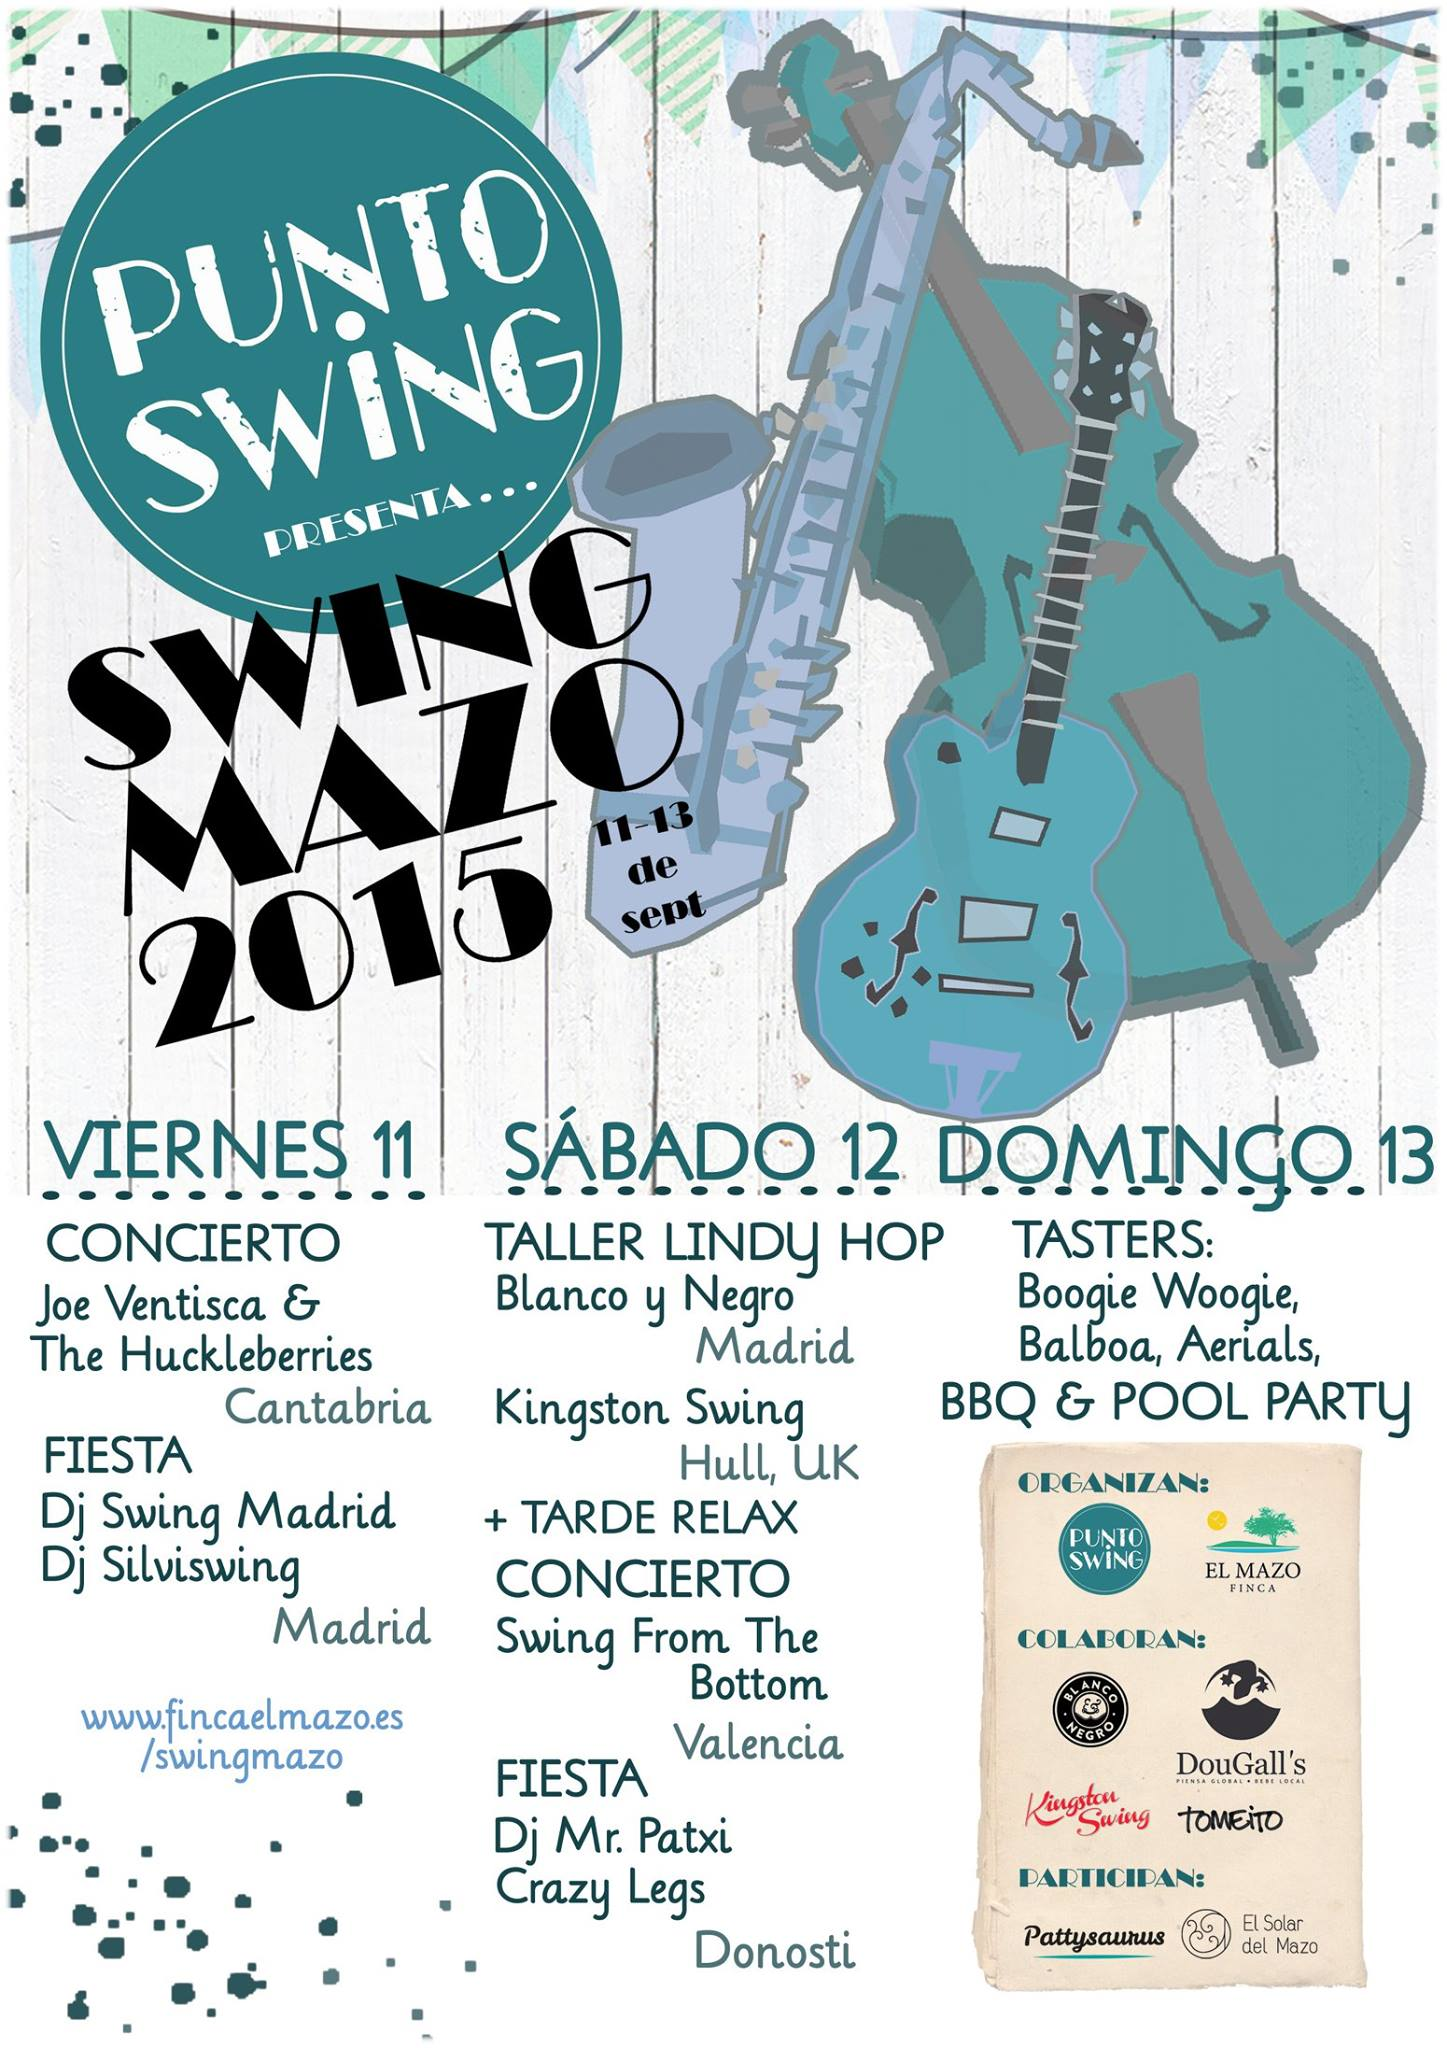 Cartel con la programación del Swingmazo 2015.